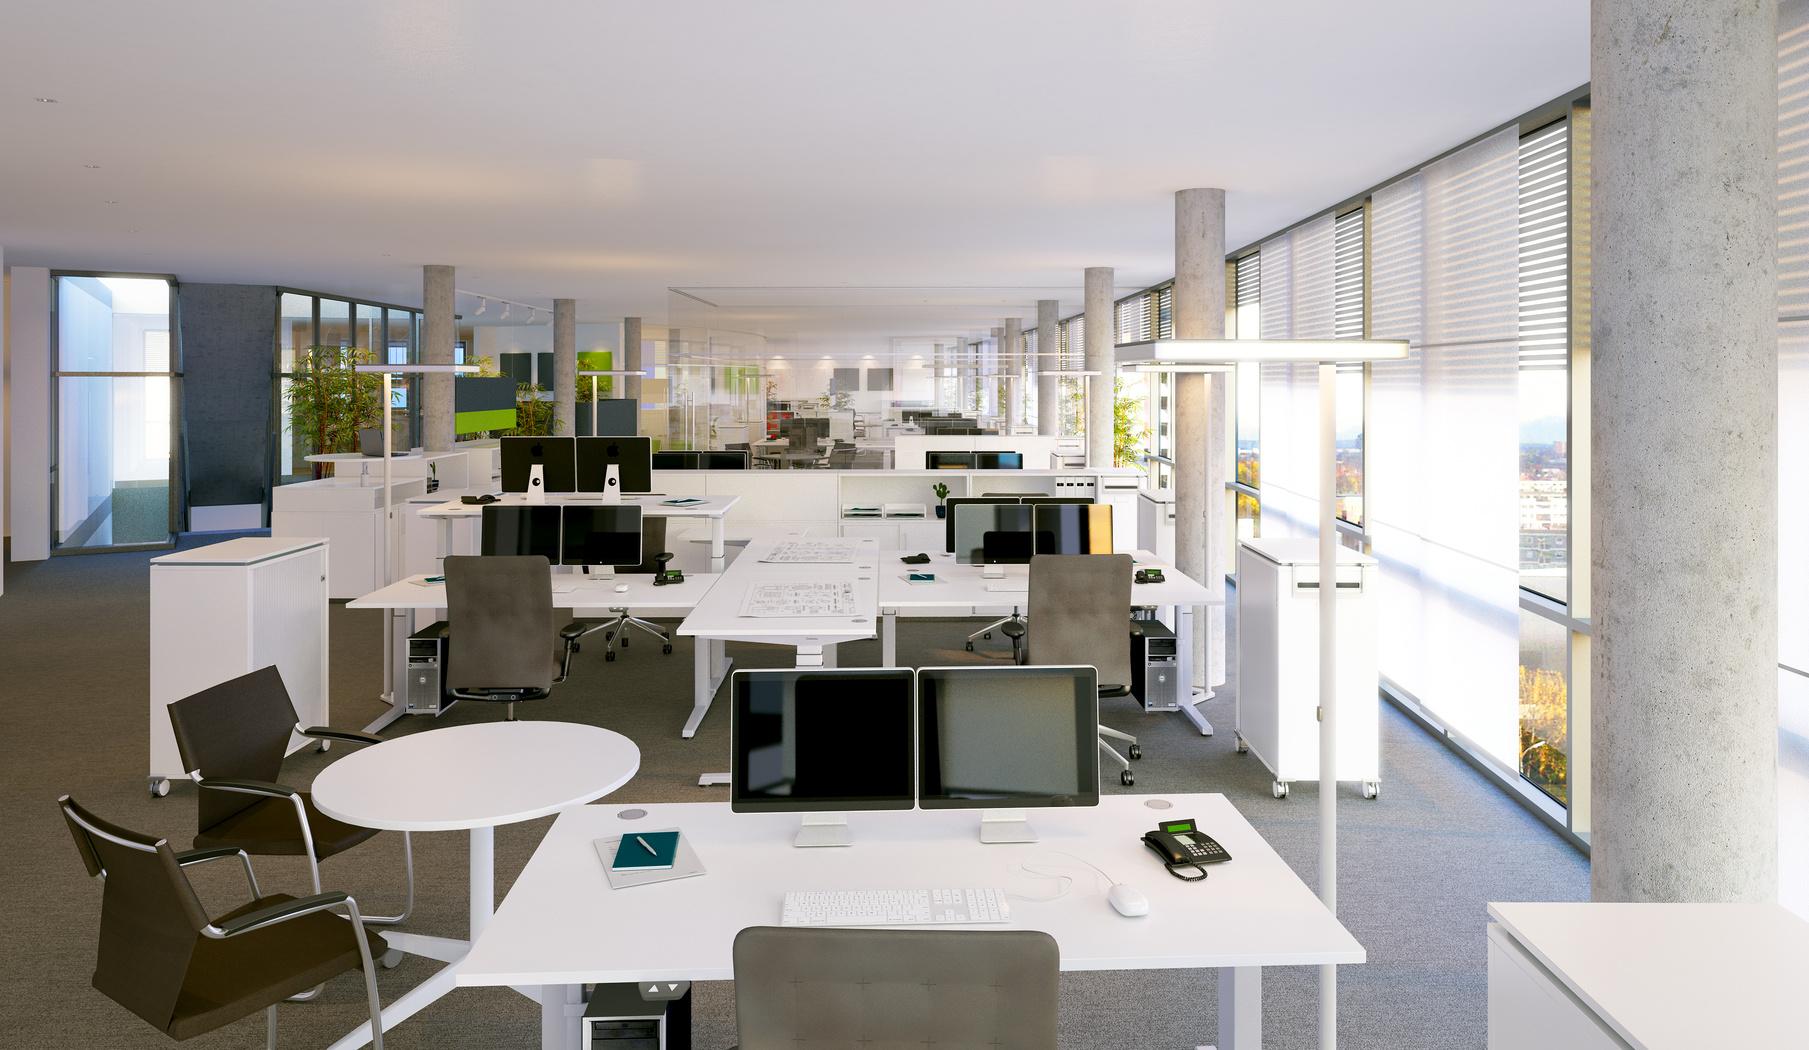 Groraumbro - open space office